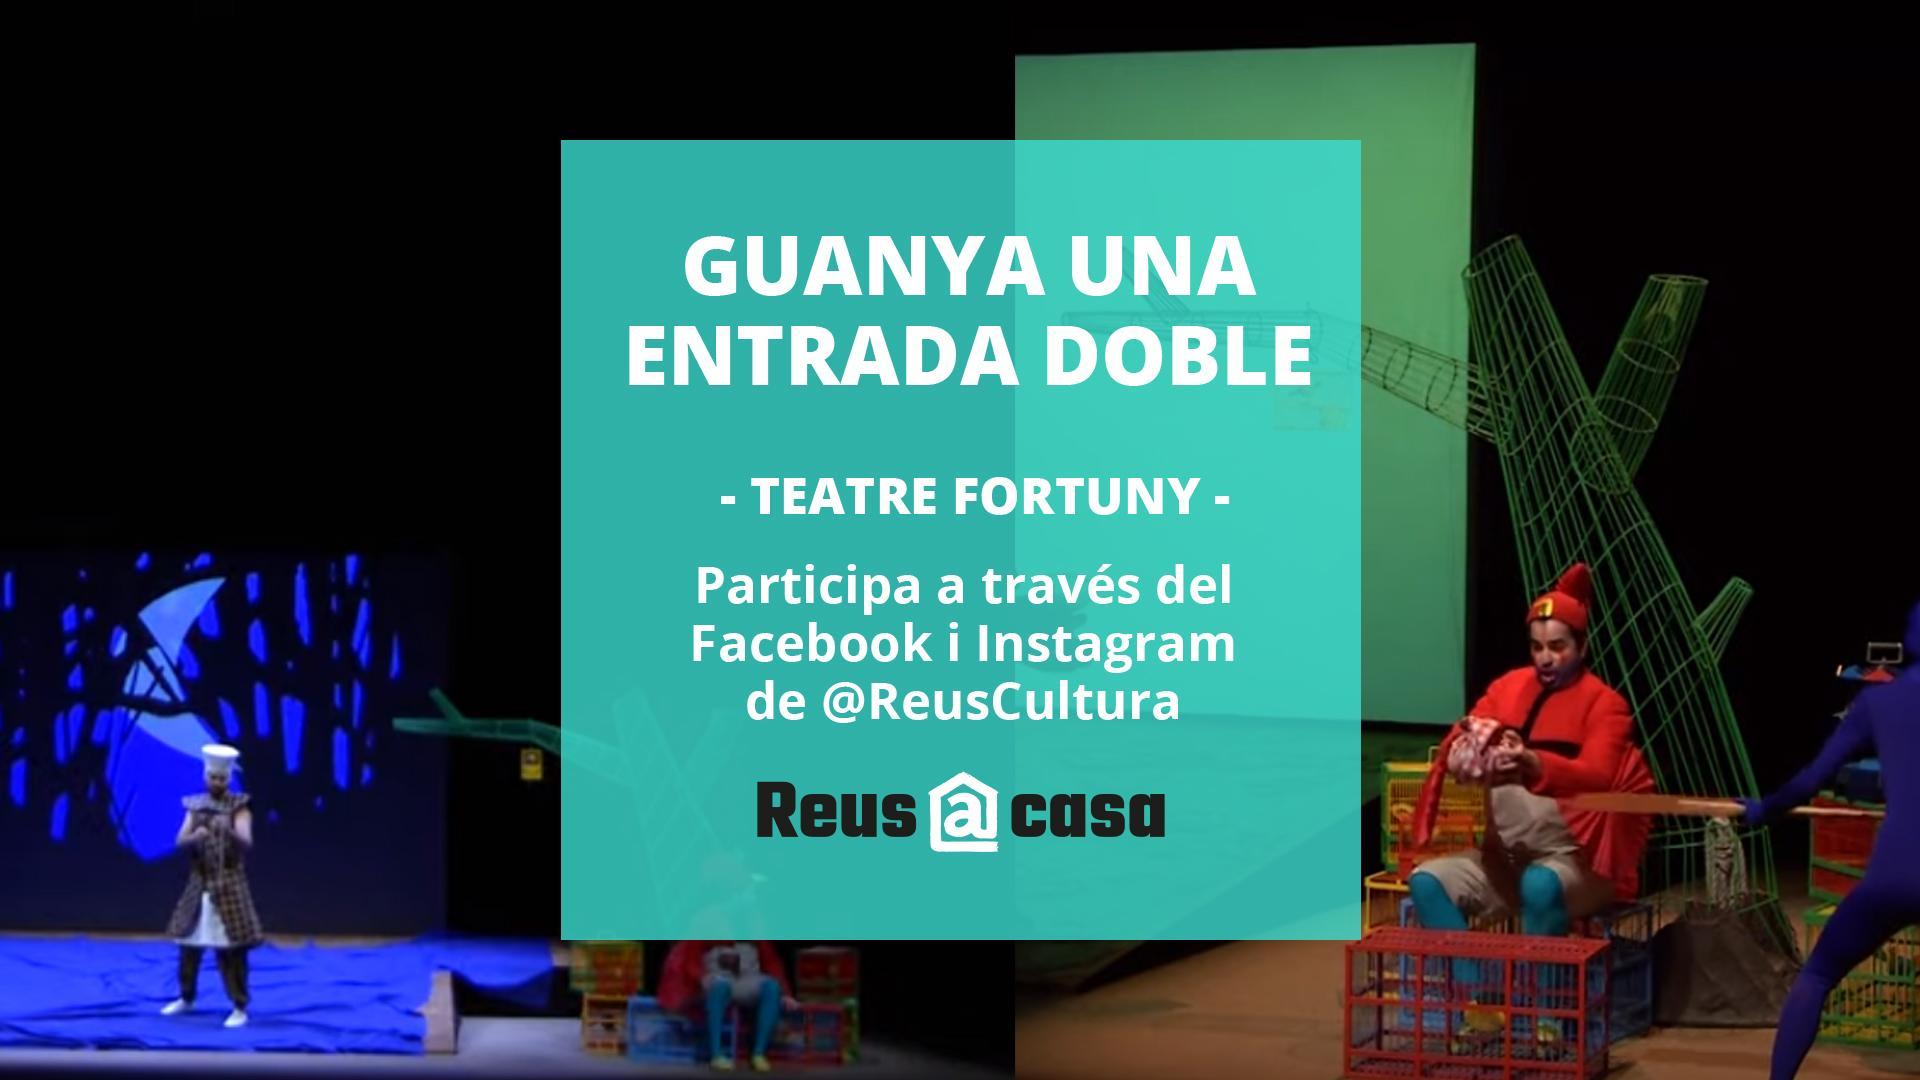 Teatre Fortuny: Sorteig de dues entrades doblesE